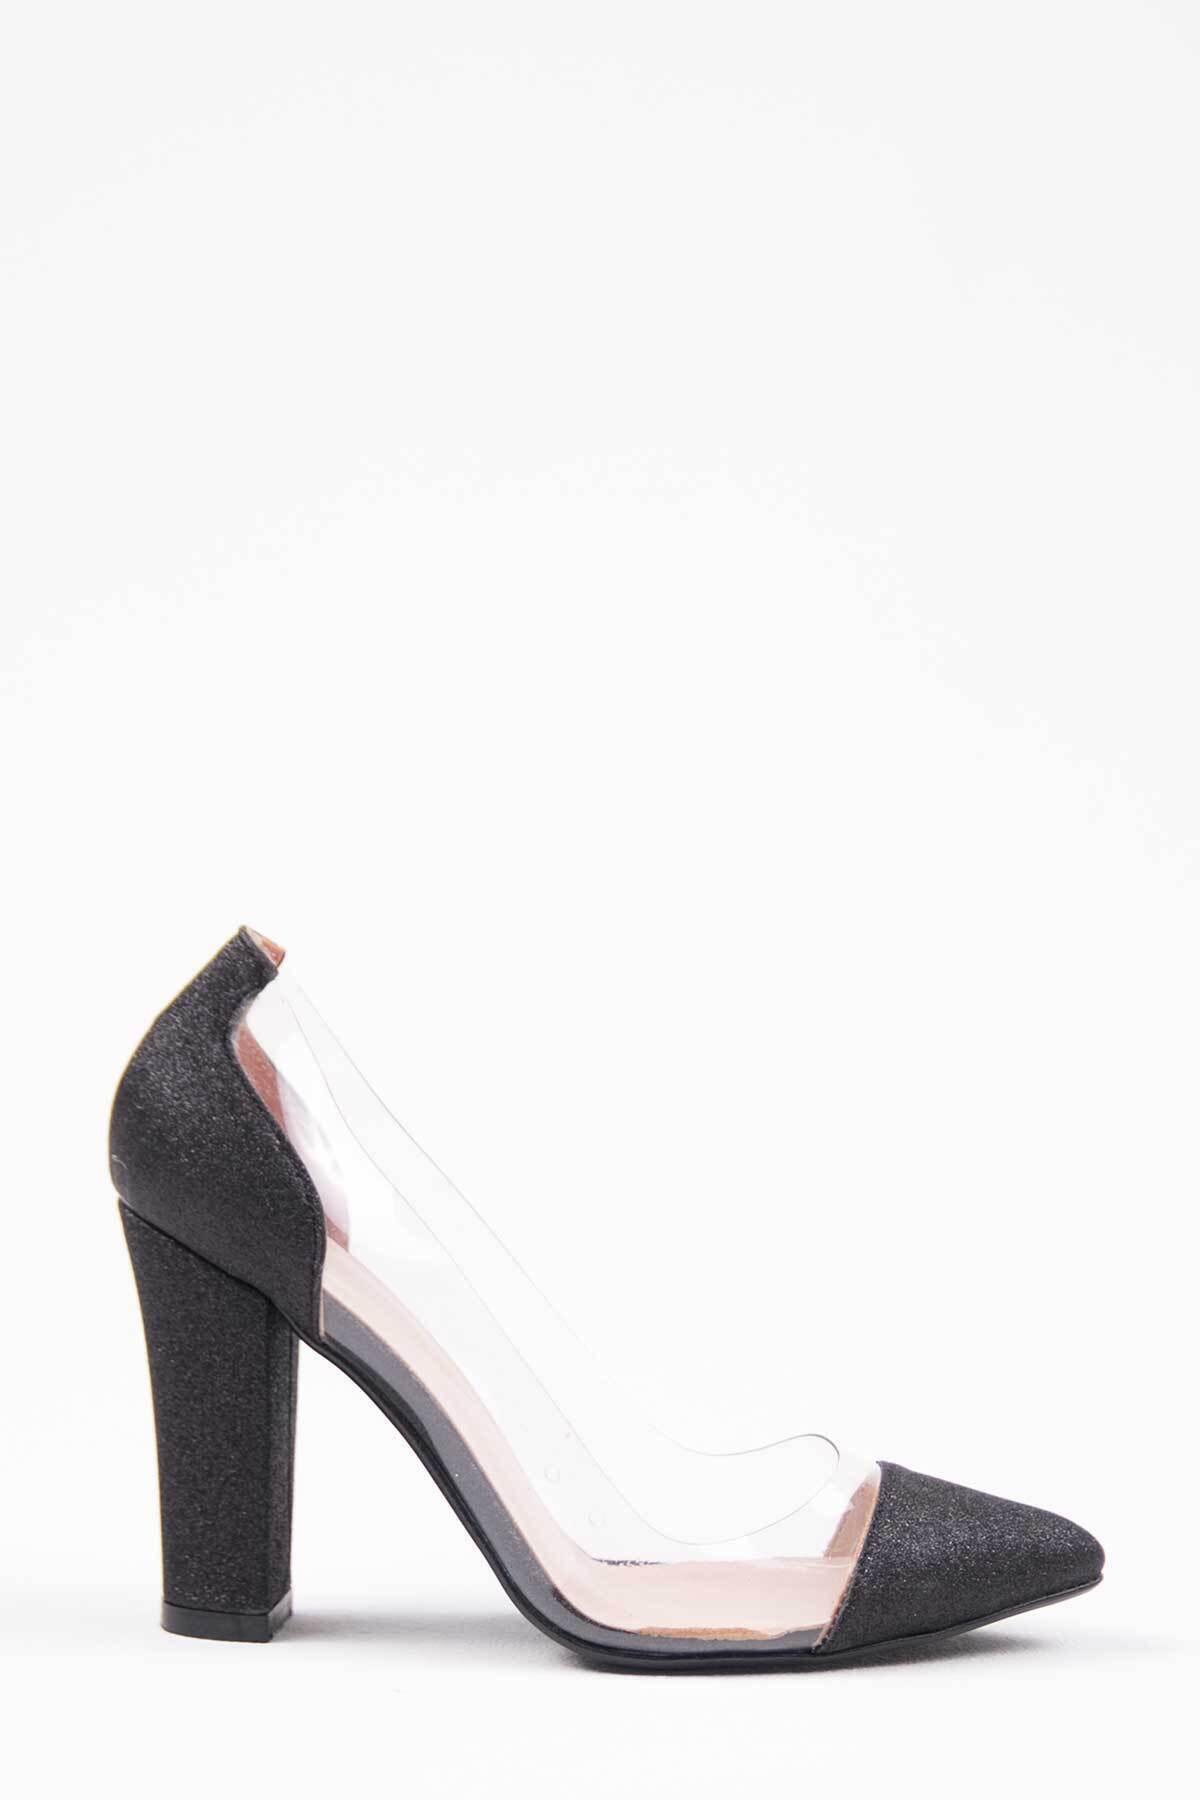 Oioi Kadın Topuklu Ayakkabı 1010-119-0002 1